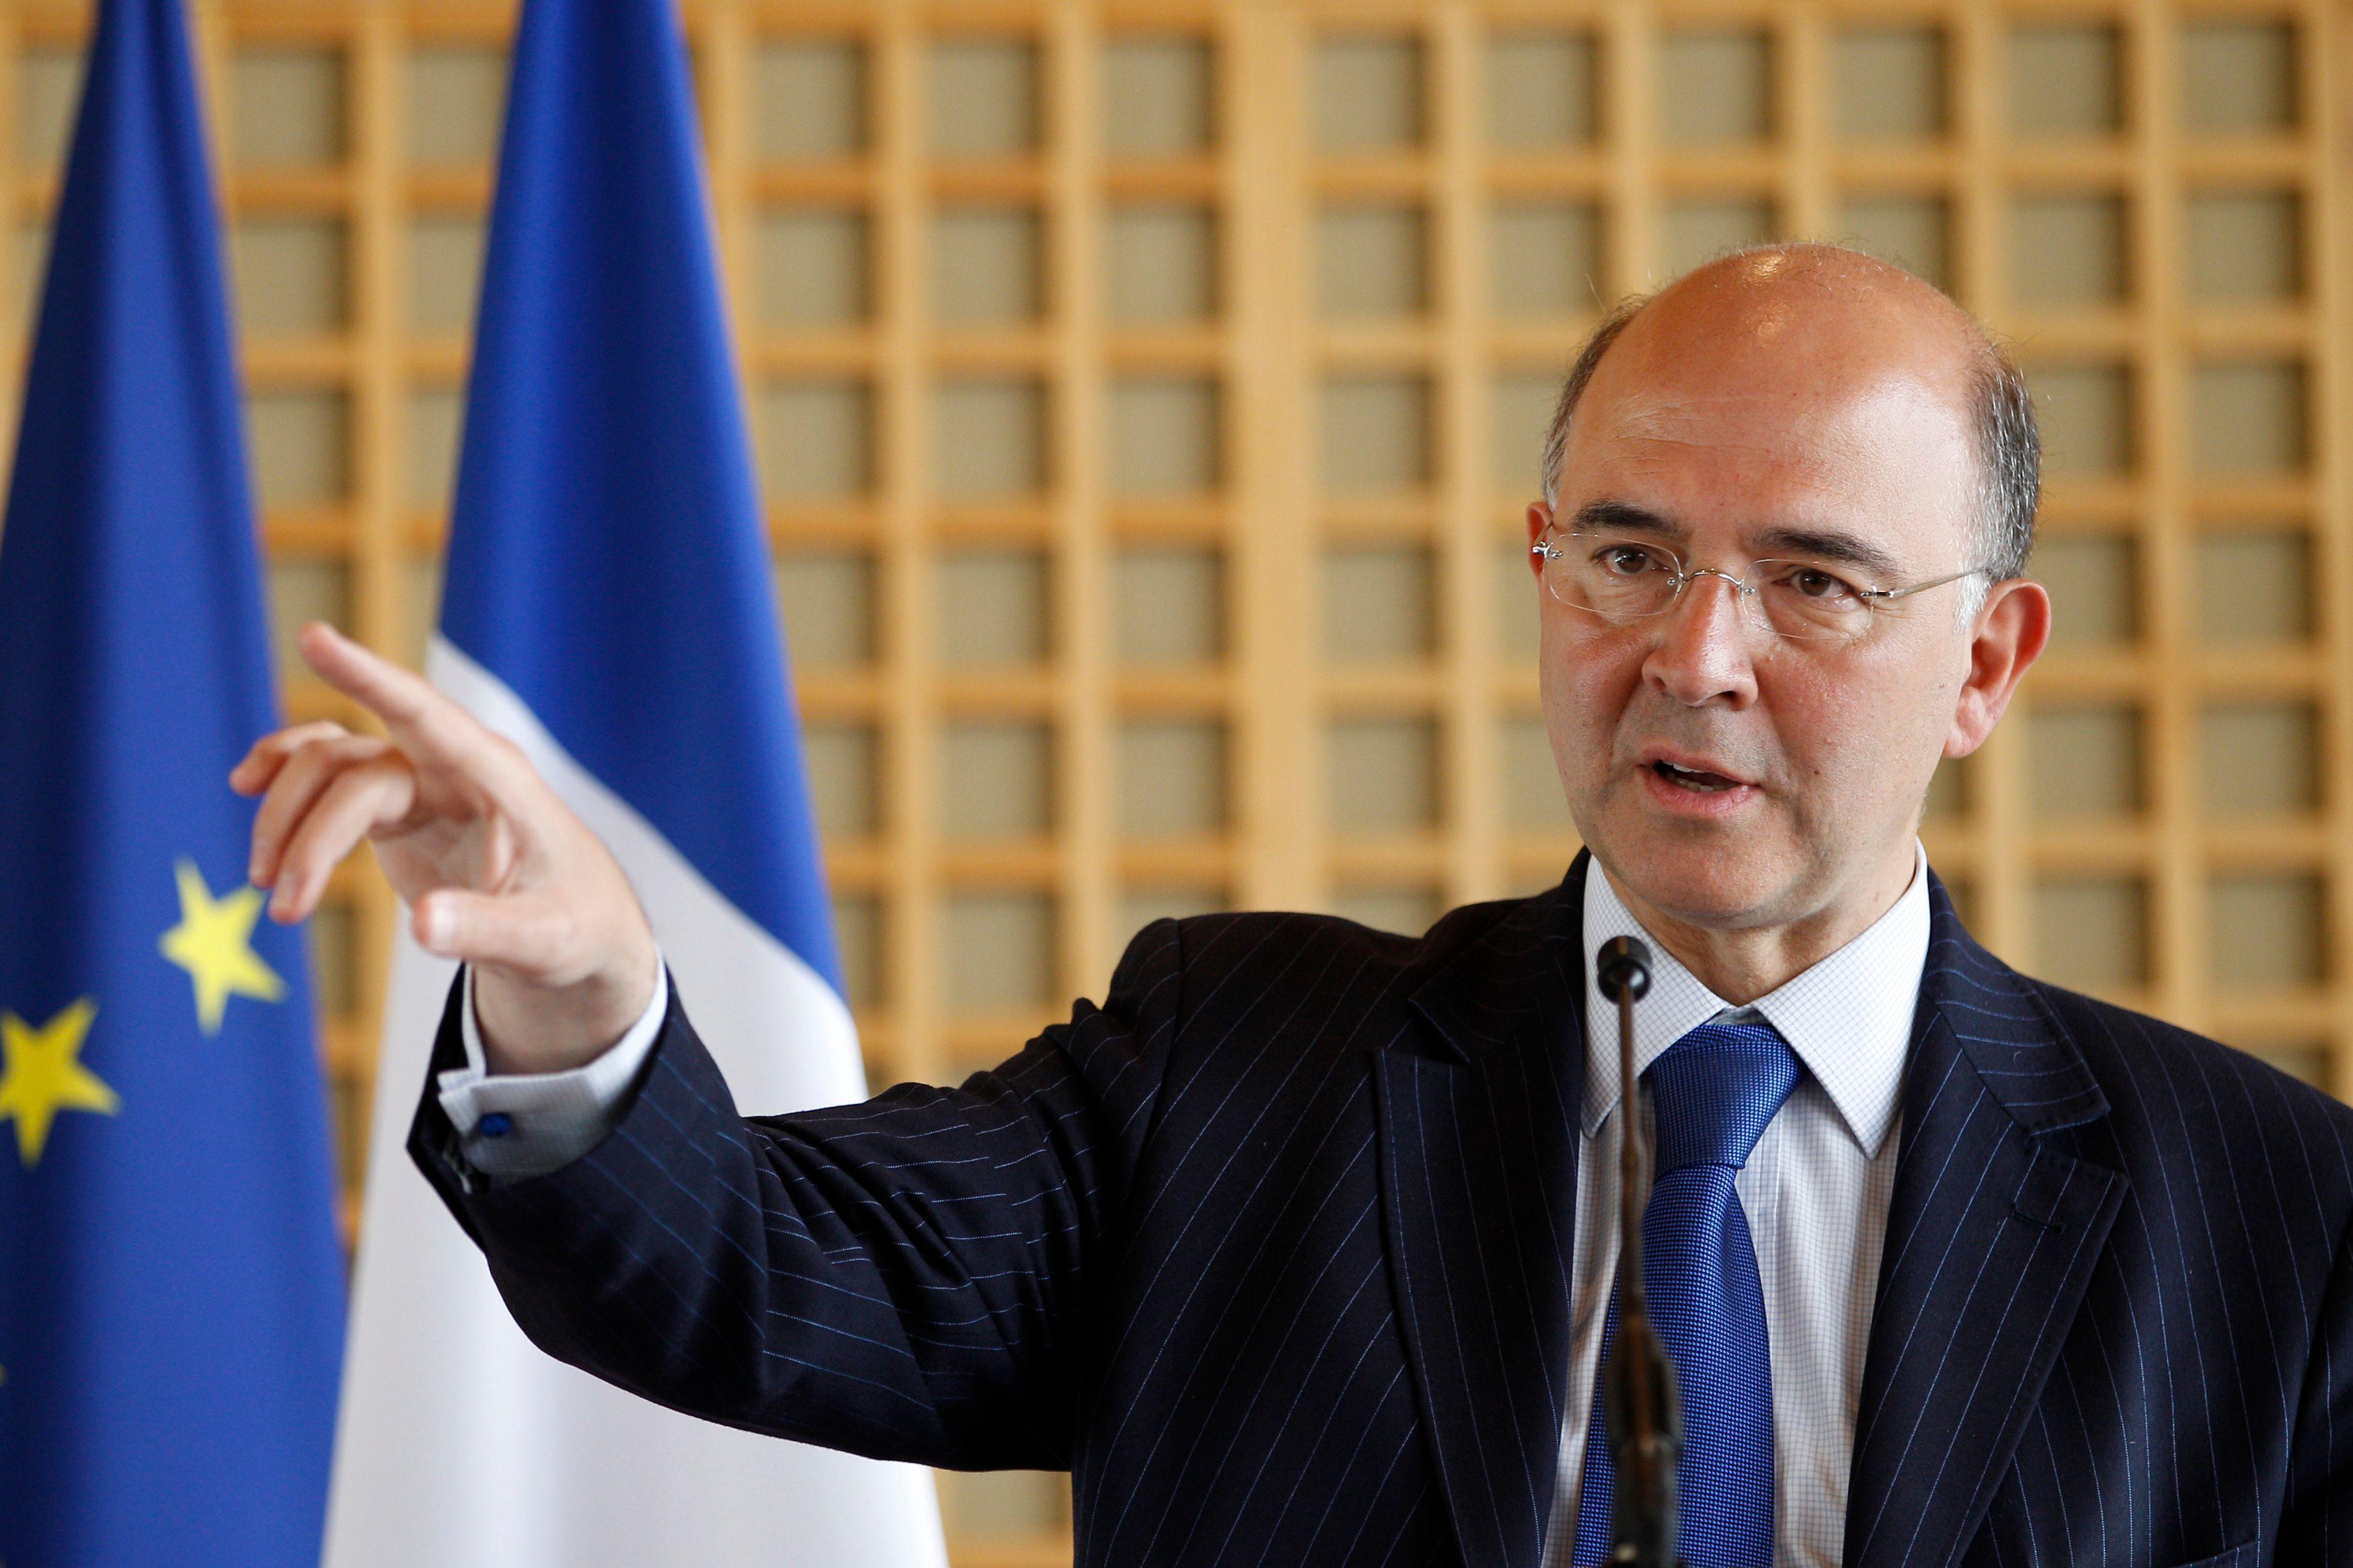 Pierre Moscovici appelle les pays producteurs de pétrole à augmenter leur production. L'objectif : faire baisser les prix des carburants.